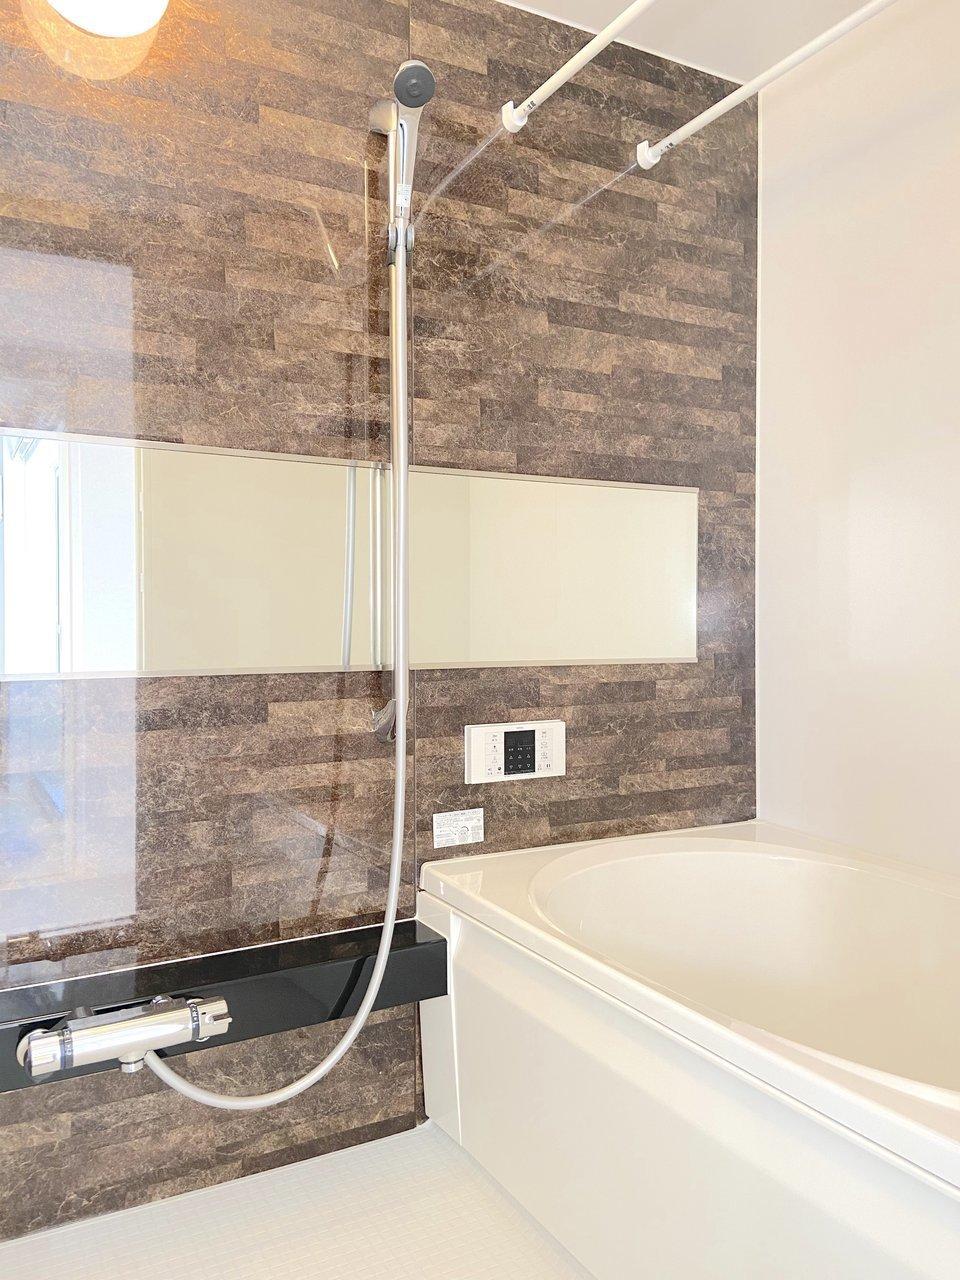 一人暮らし用のお部屋にしては、お風呂も足を伸ばせる広さ。浴室乾燥機もついてますよ。